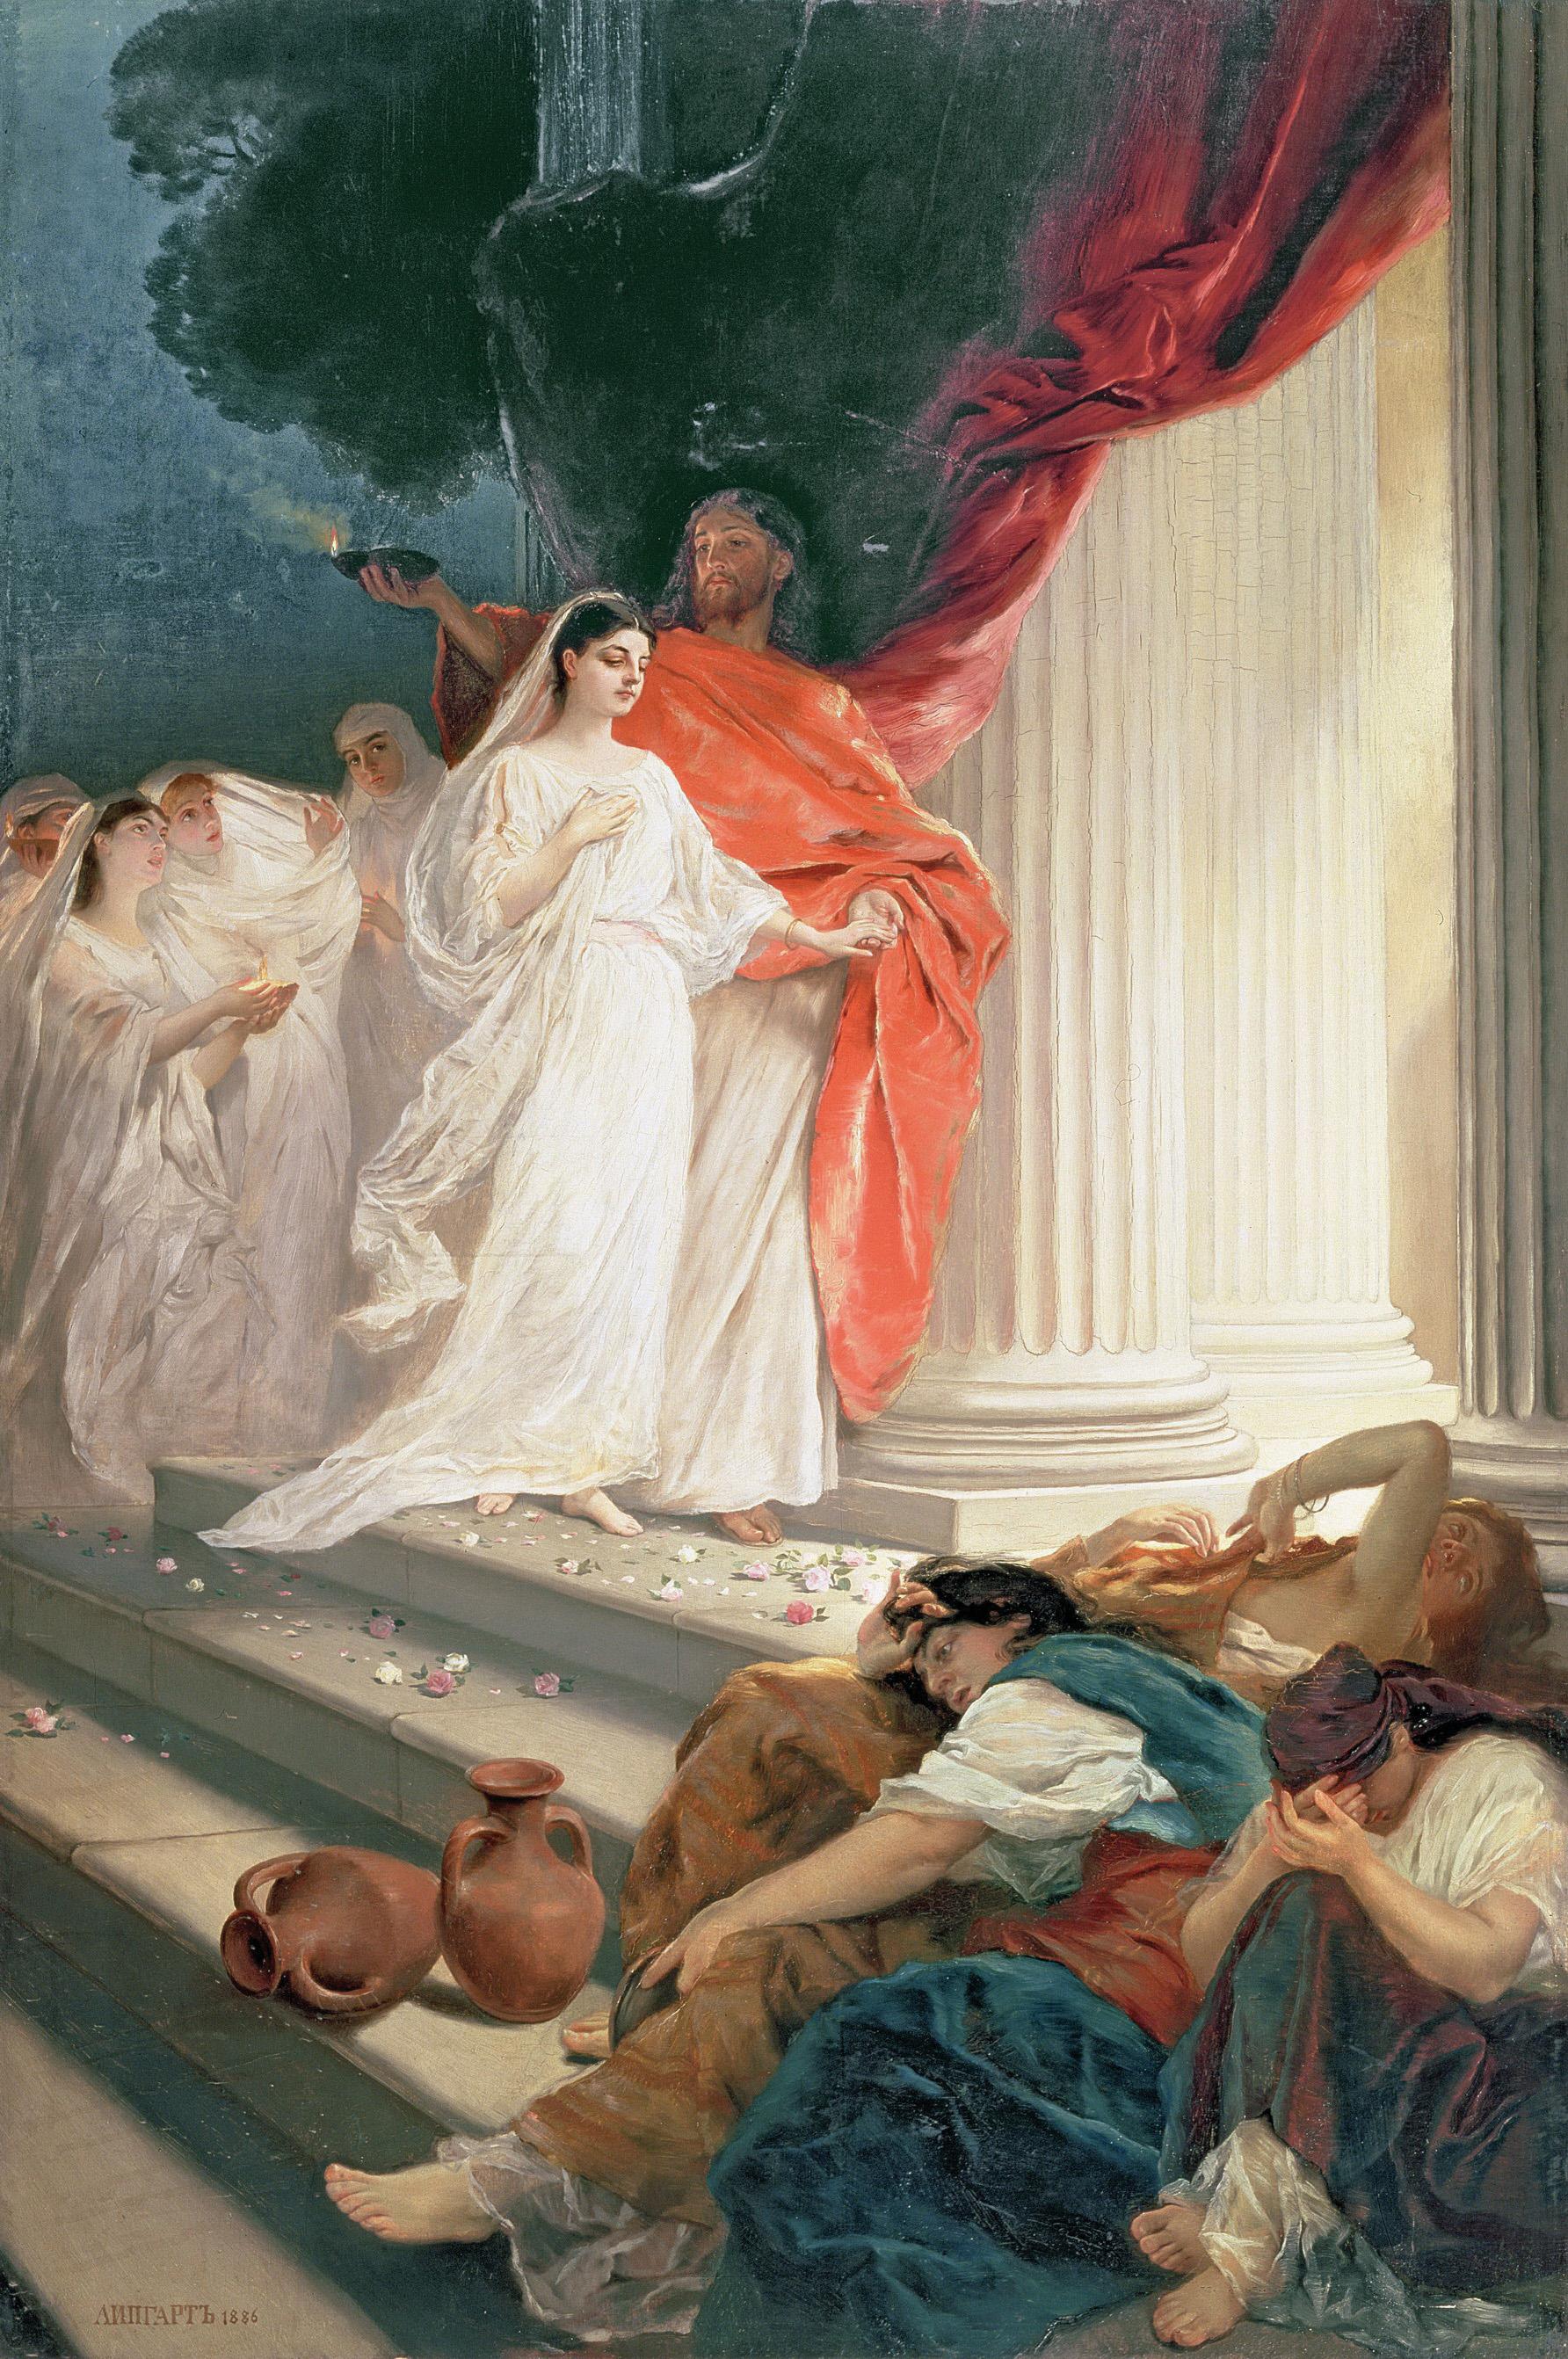 Притча о мудрых и неразумных девах. Э. Липгарт. 1886 г.